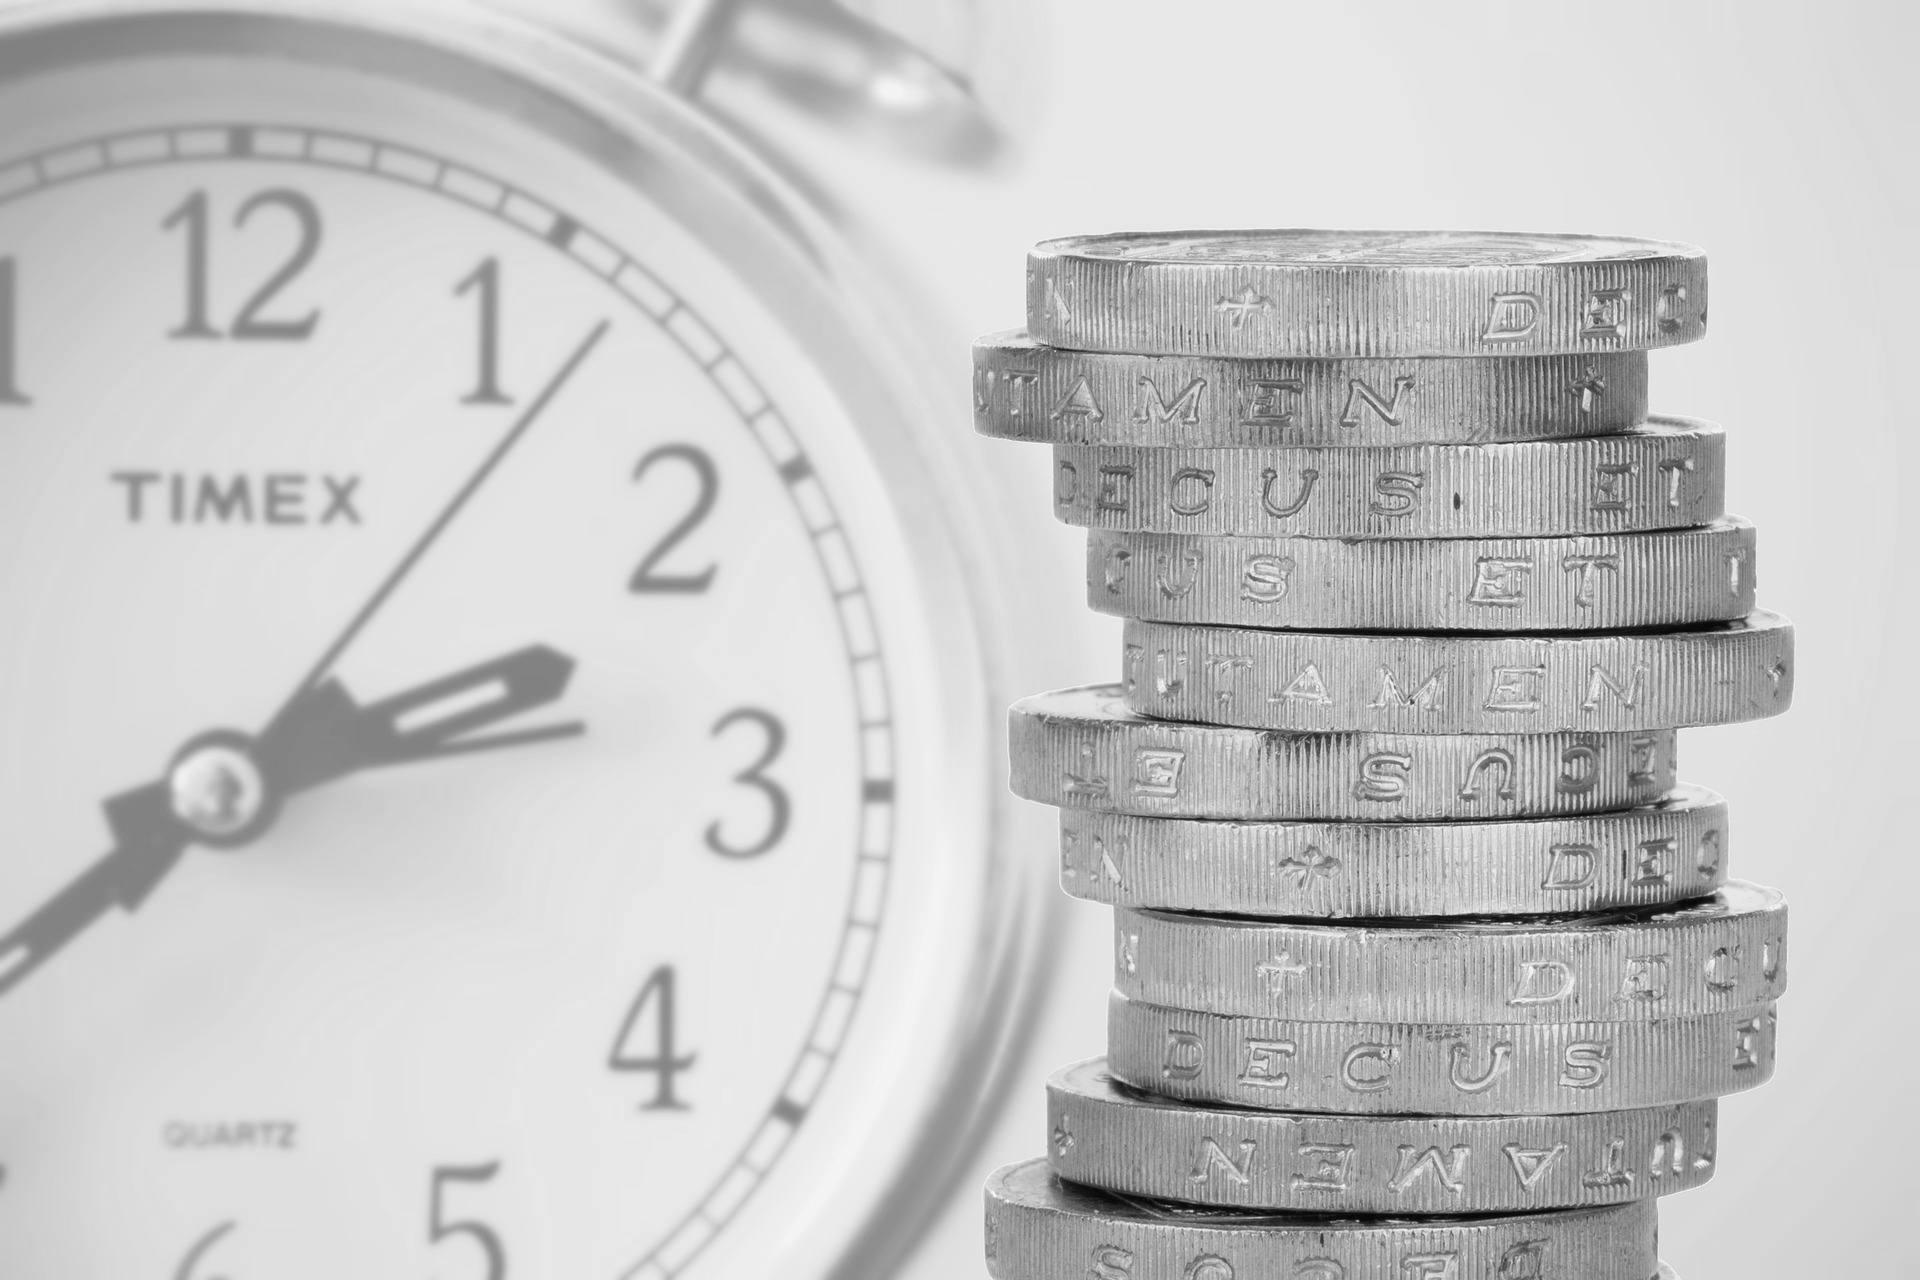 Die bessere Möglichkeit Geld zu investieren? 10 Alternativen zur Aktie